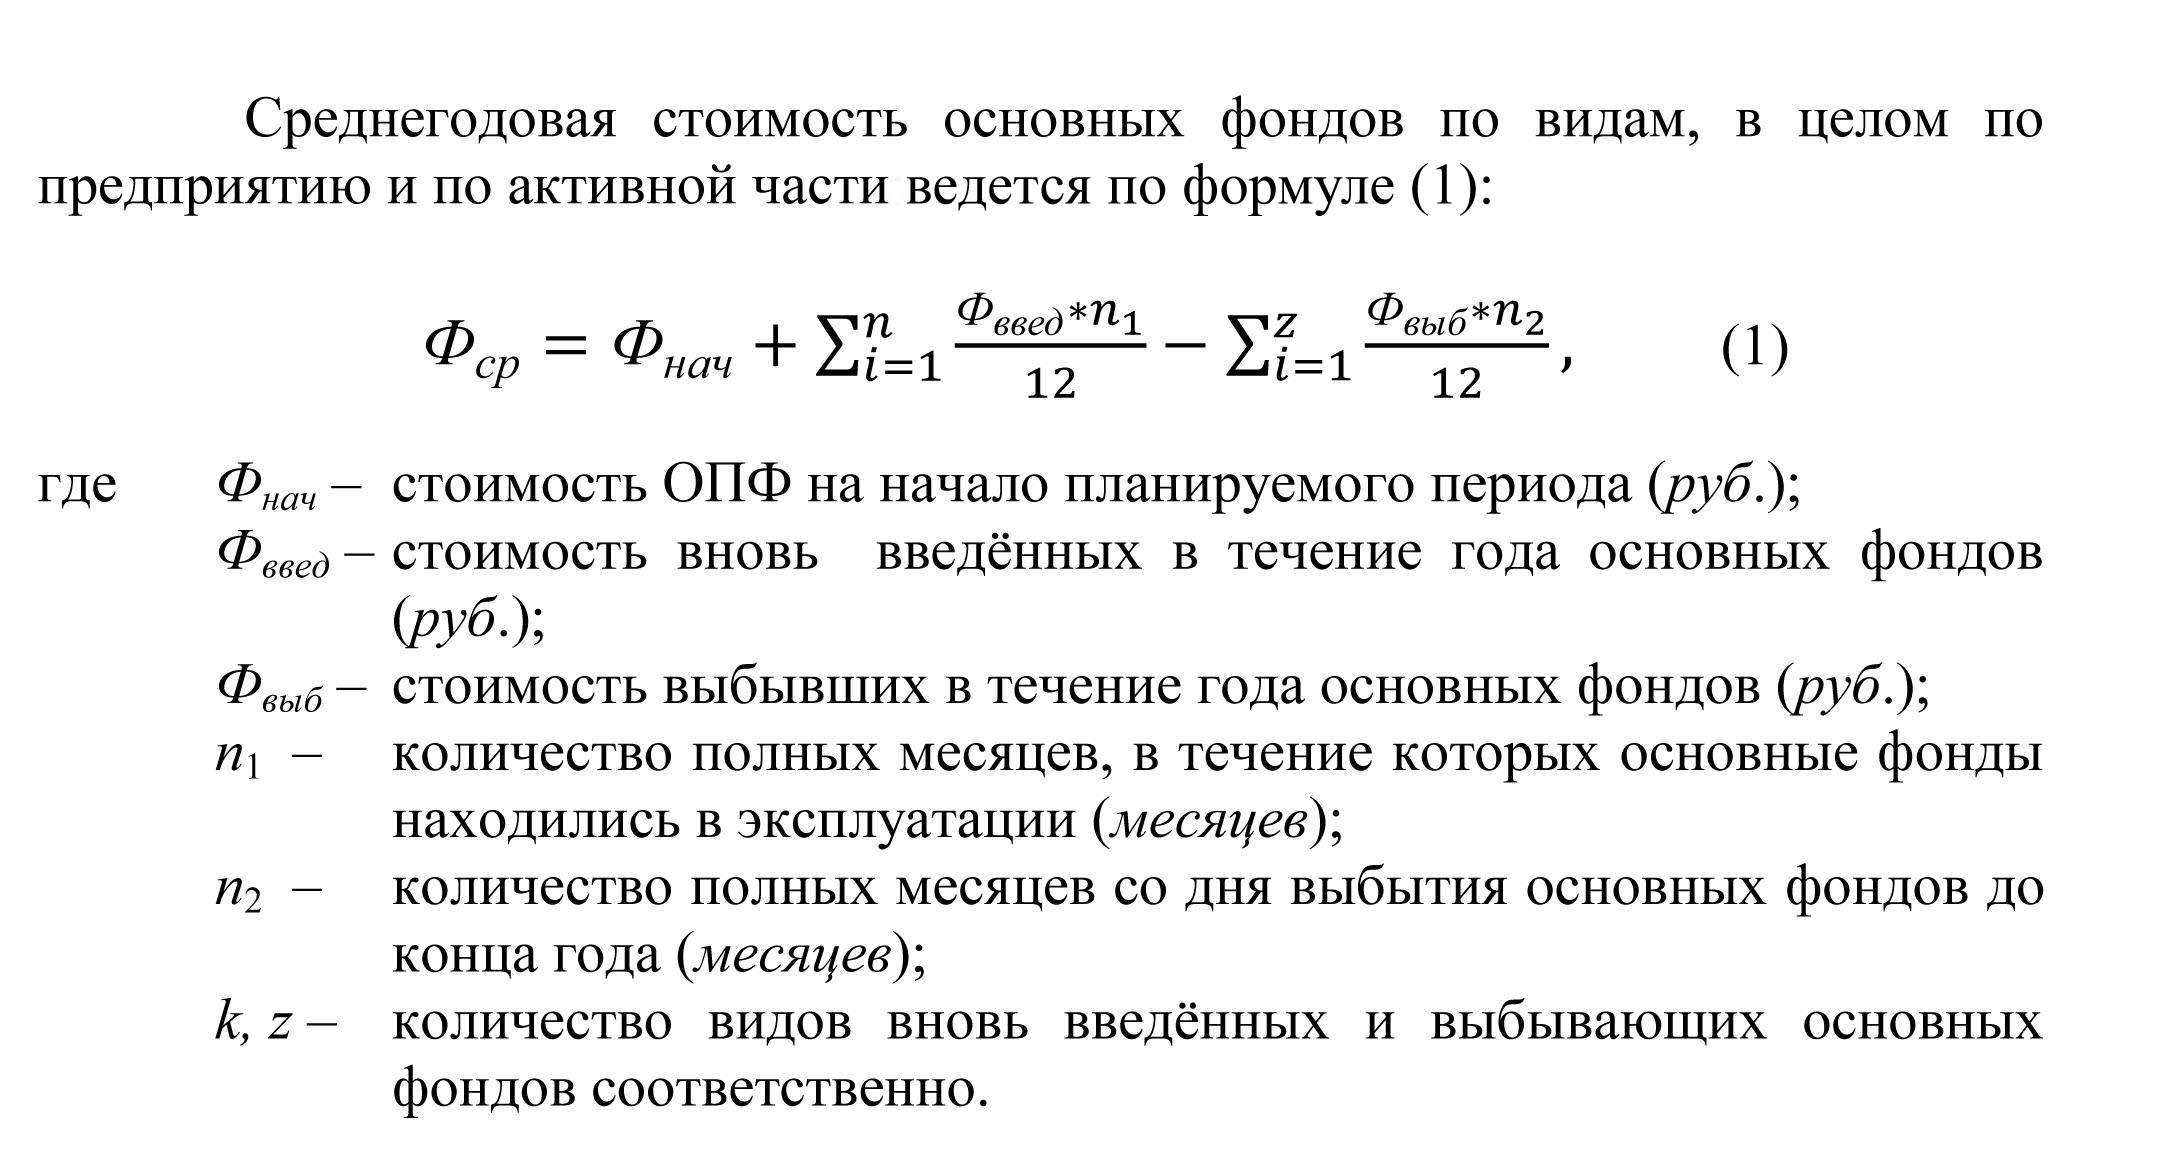 Как писать формулы в реферате 7952